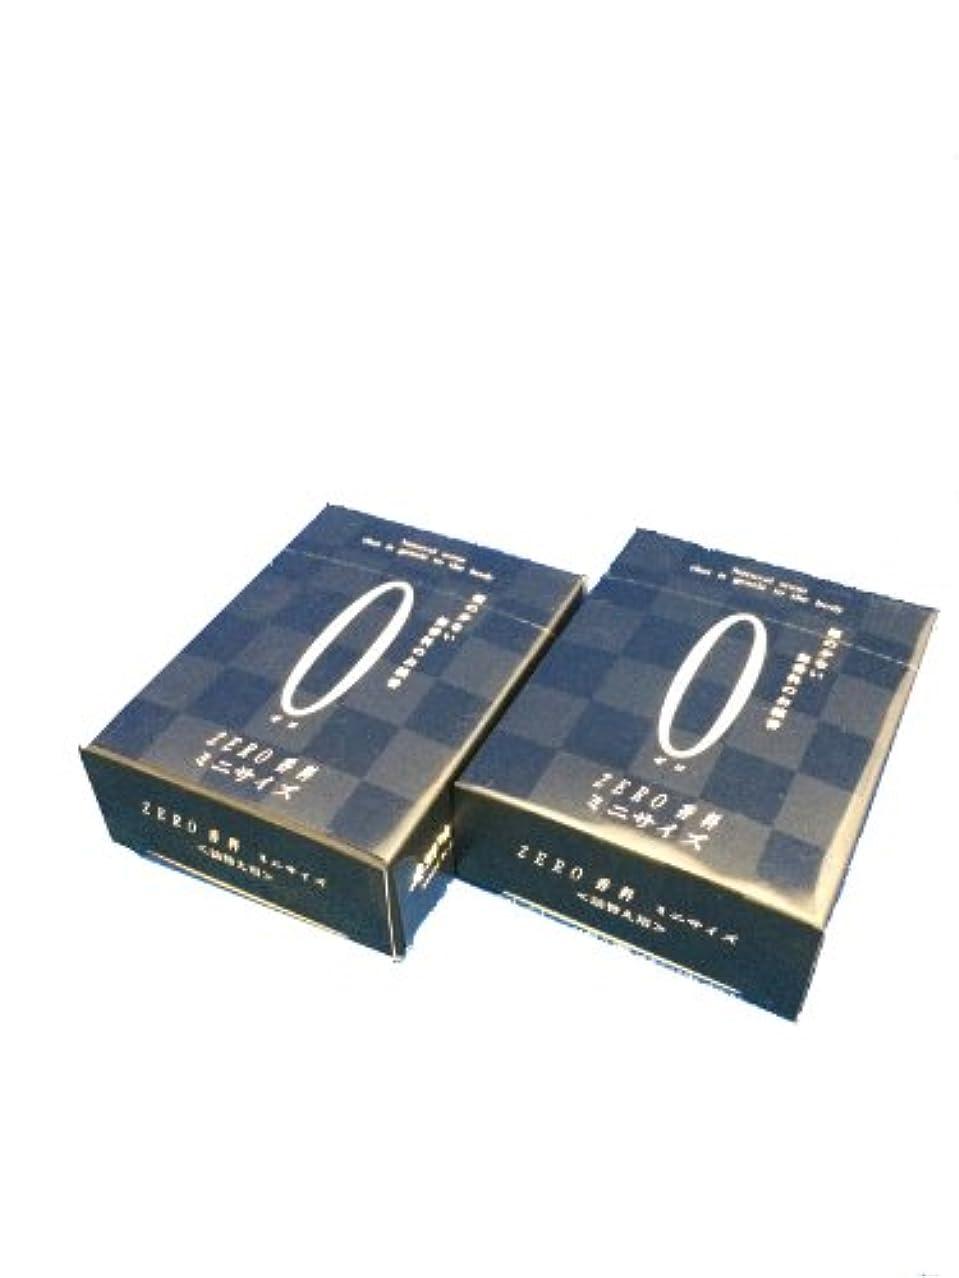 疑問に思うテセウスくしゃくしゃZERO ゼロ香料 詰め替え用 2個セット ミニ寸 サイズ 約60g